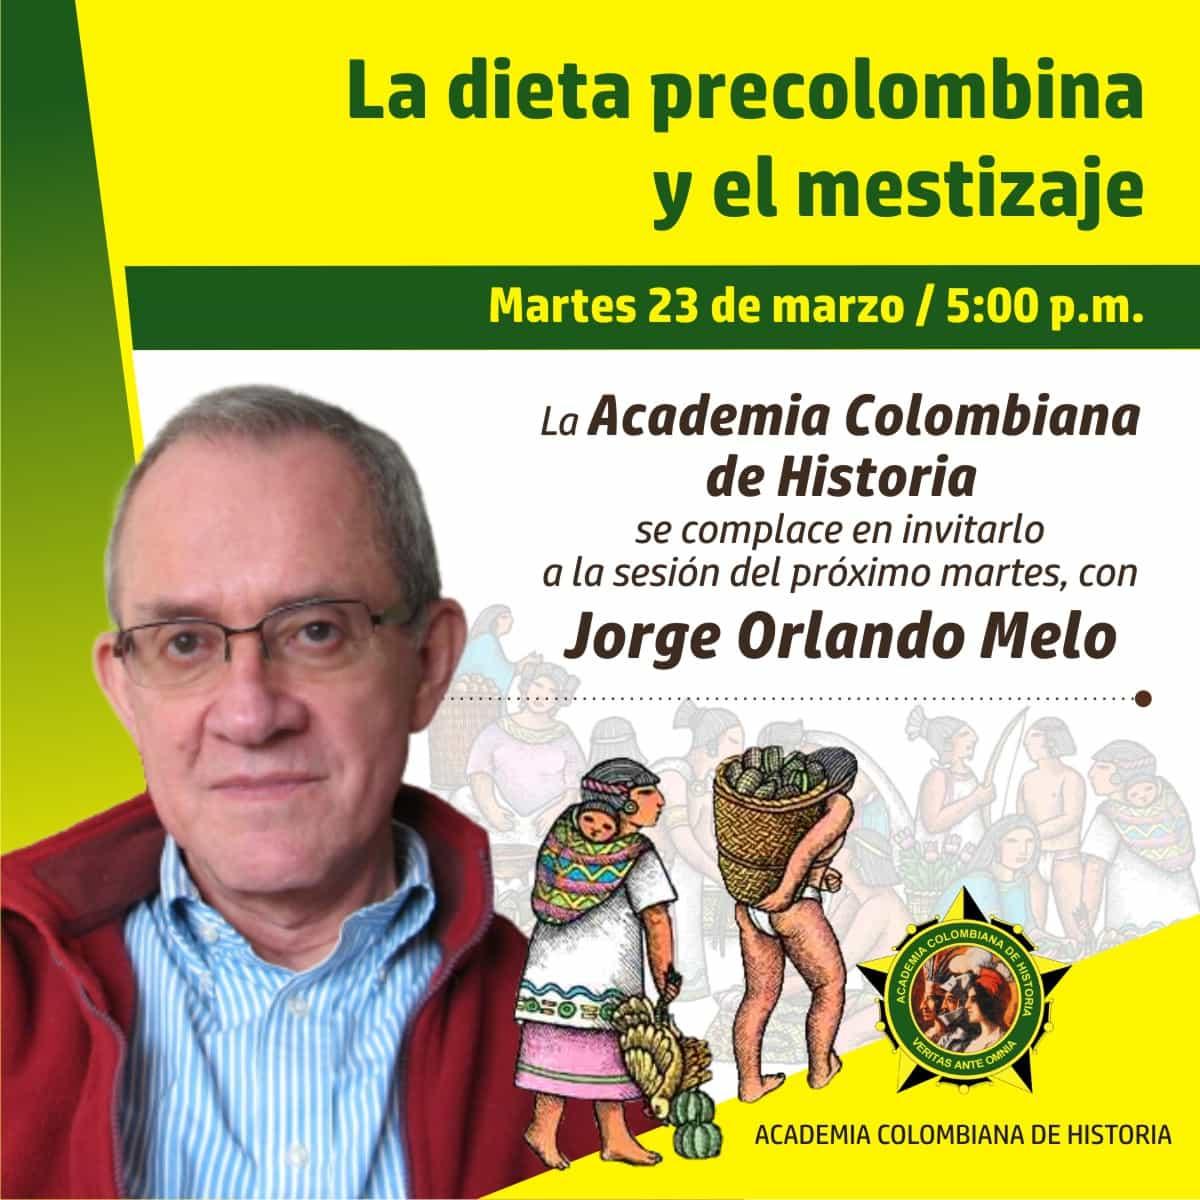 """Jorge Orlando Melo con """"La dieta precolombina y el mestizaje"""" 1"""